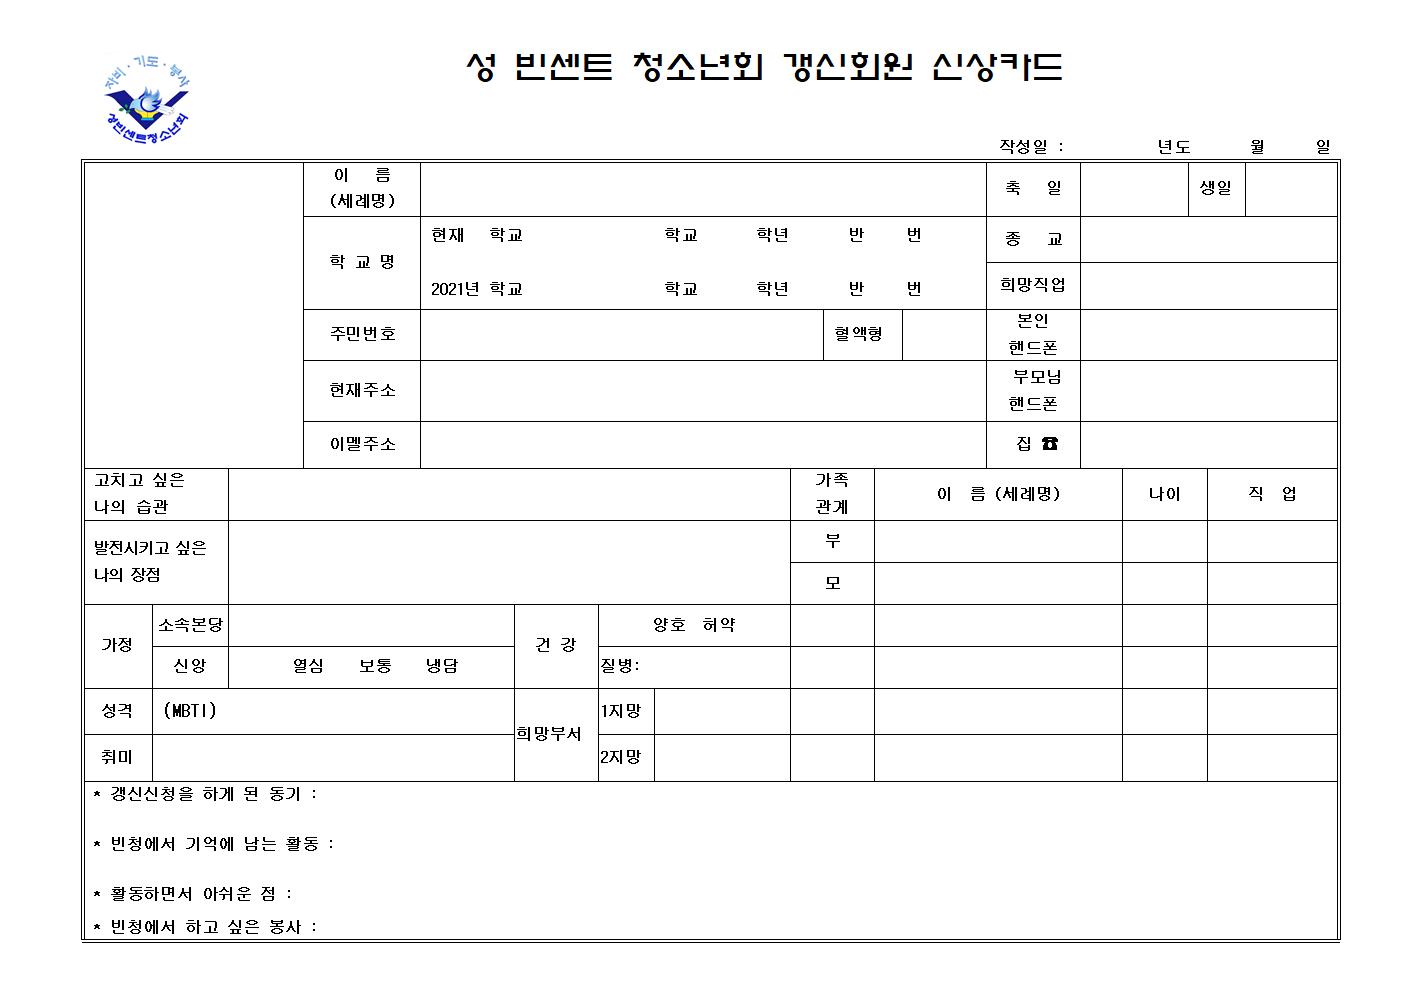 서울빈청갱신 신상카드001.png